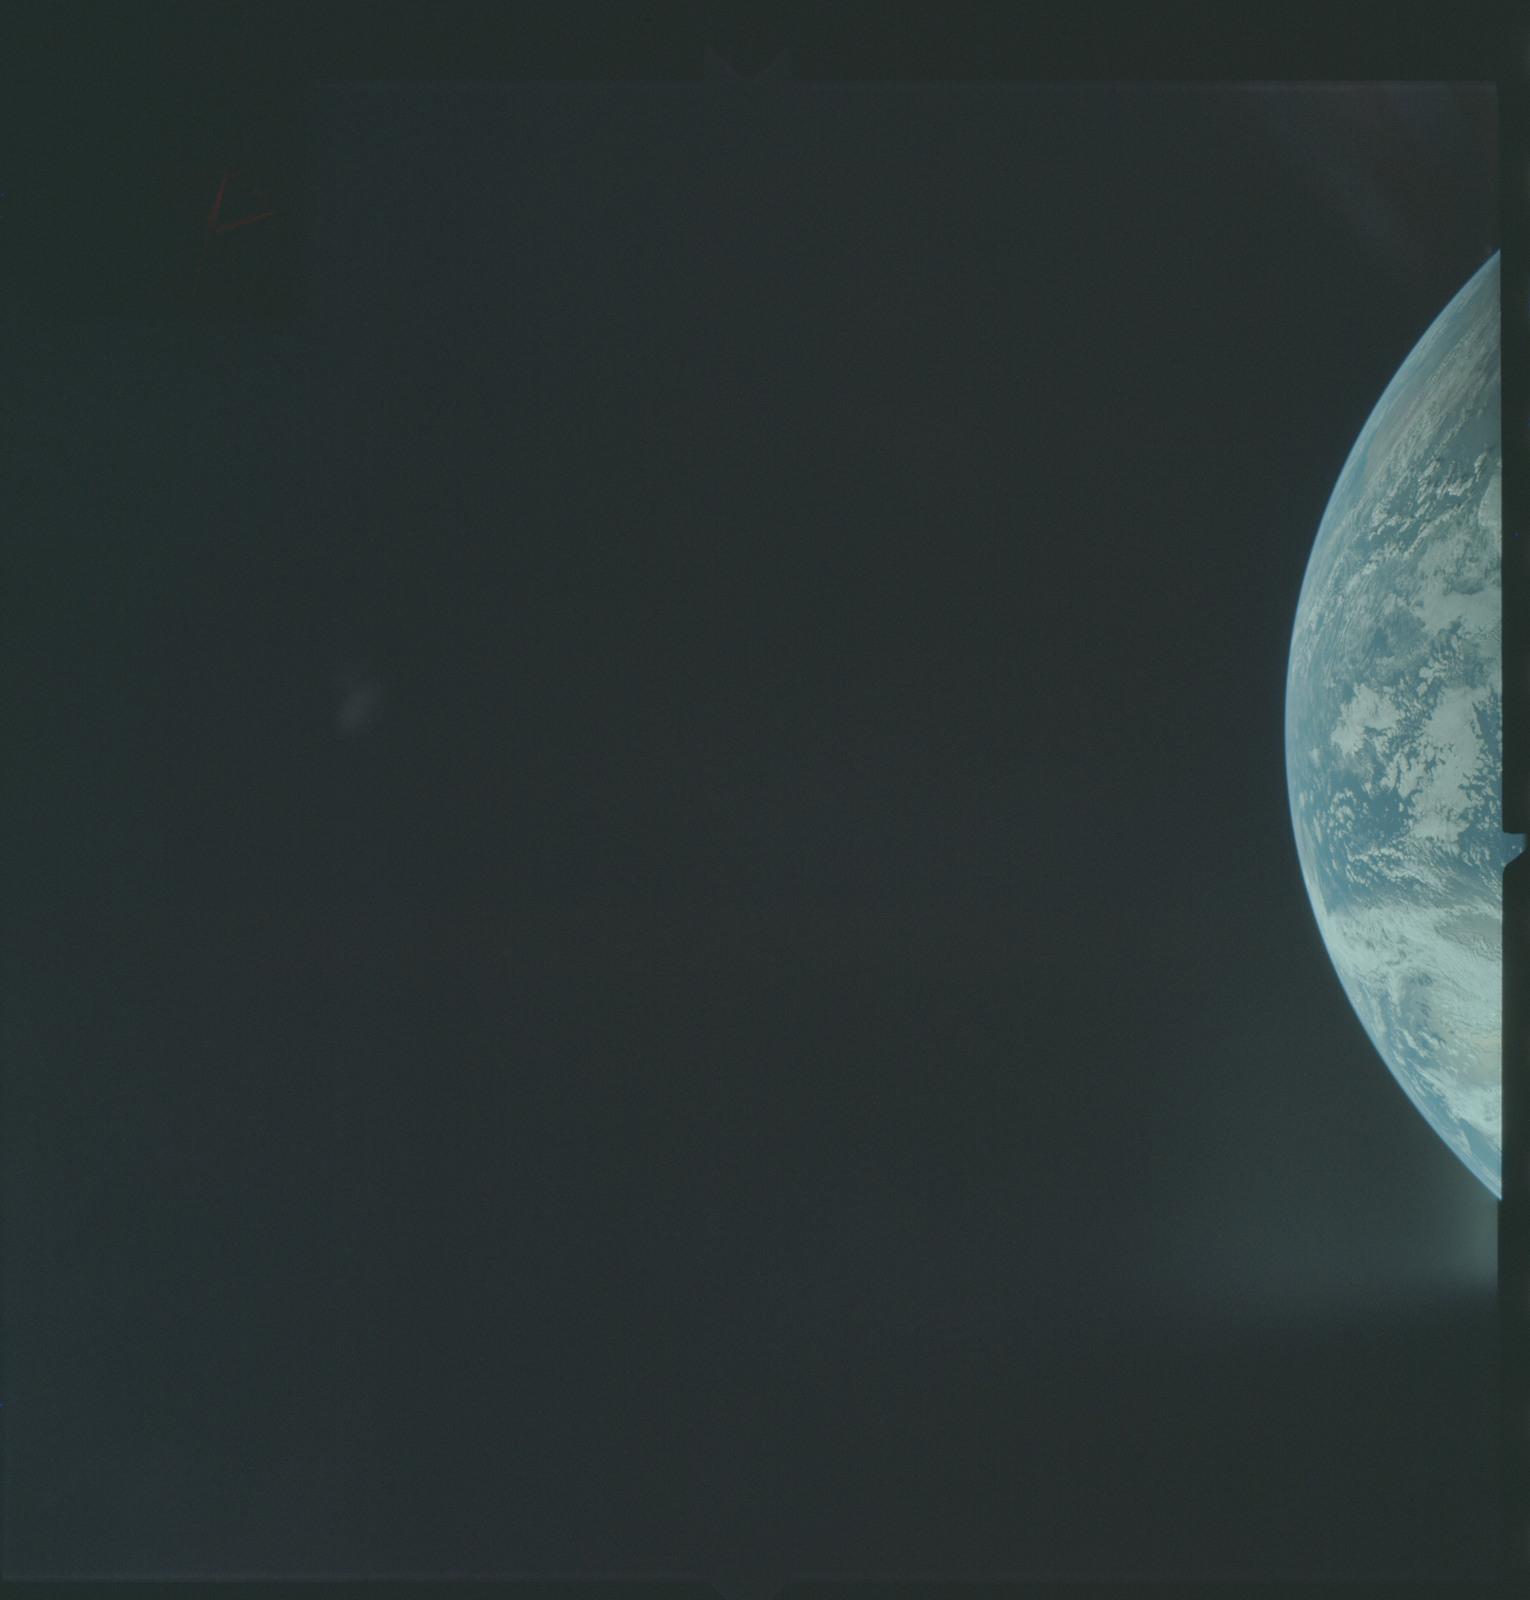 AS04-01-128 - Apollo 4